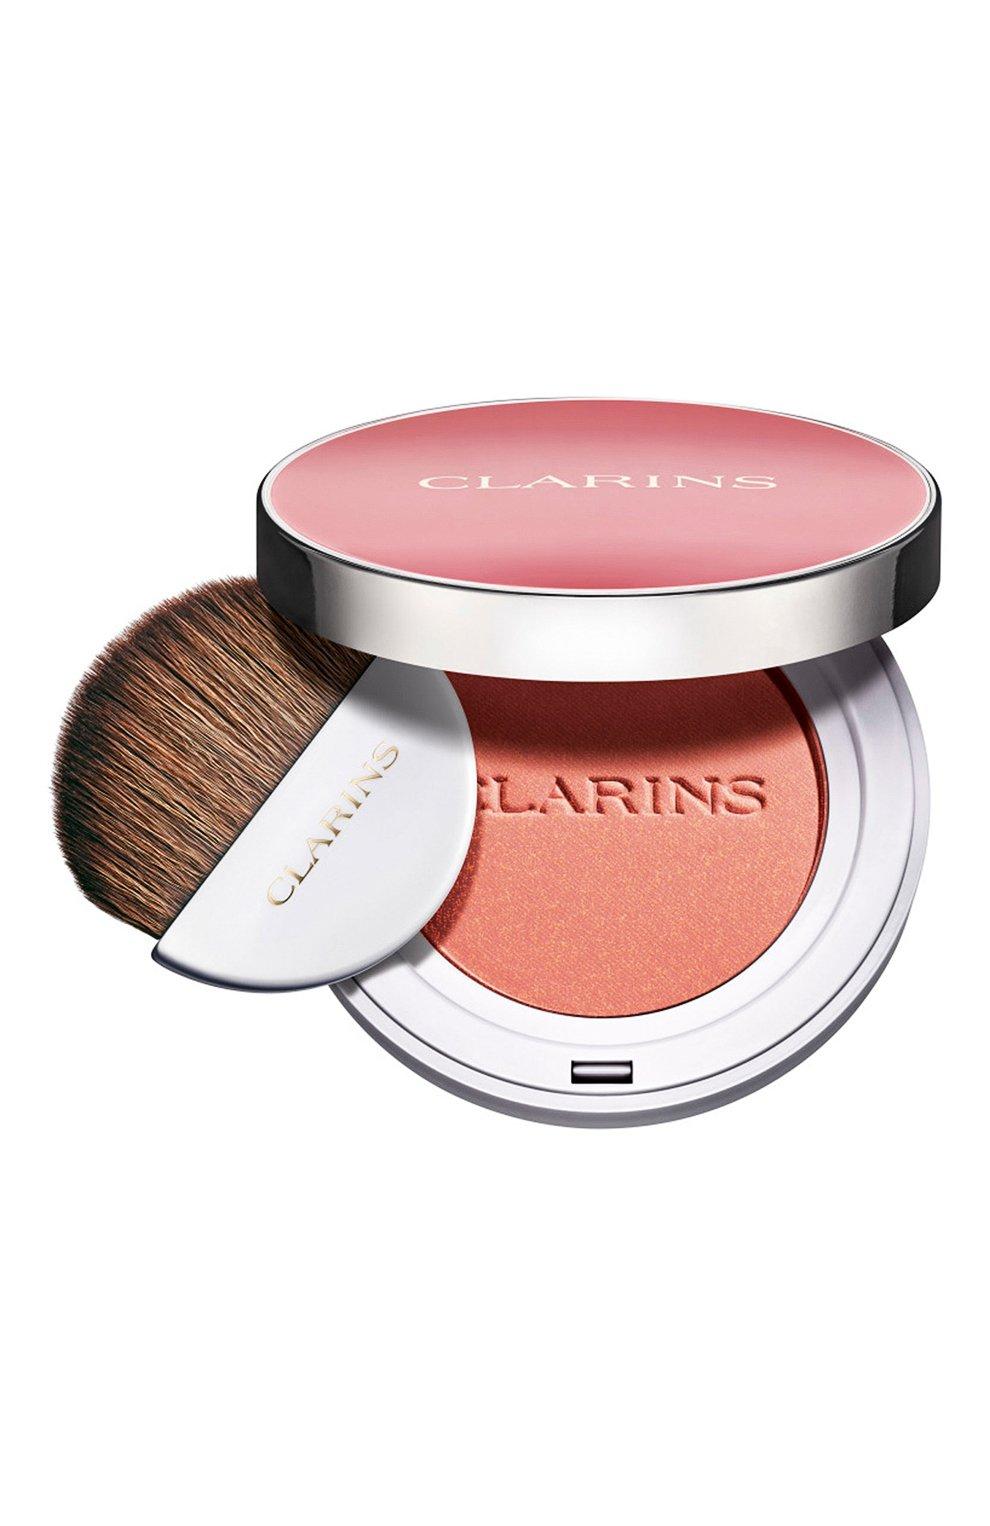 Женские компактные румяна joli blush, оттенок 05 CLARINS бесцветного цвета, арт. 80051349   Фото 1